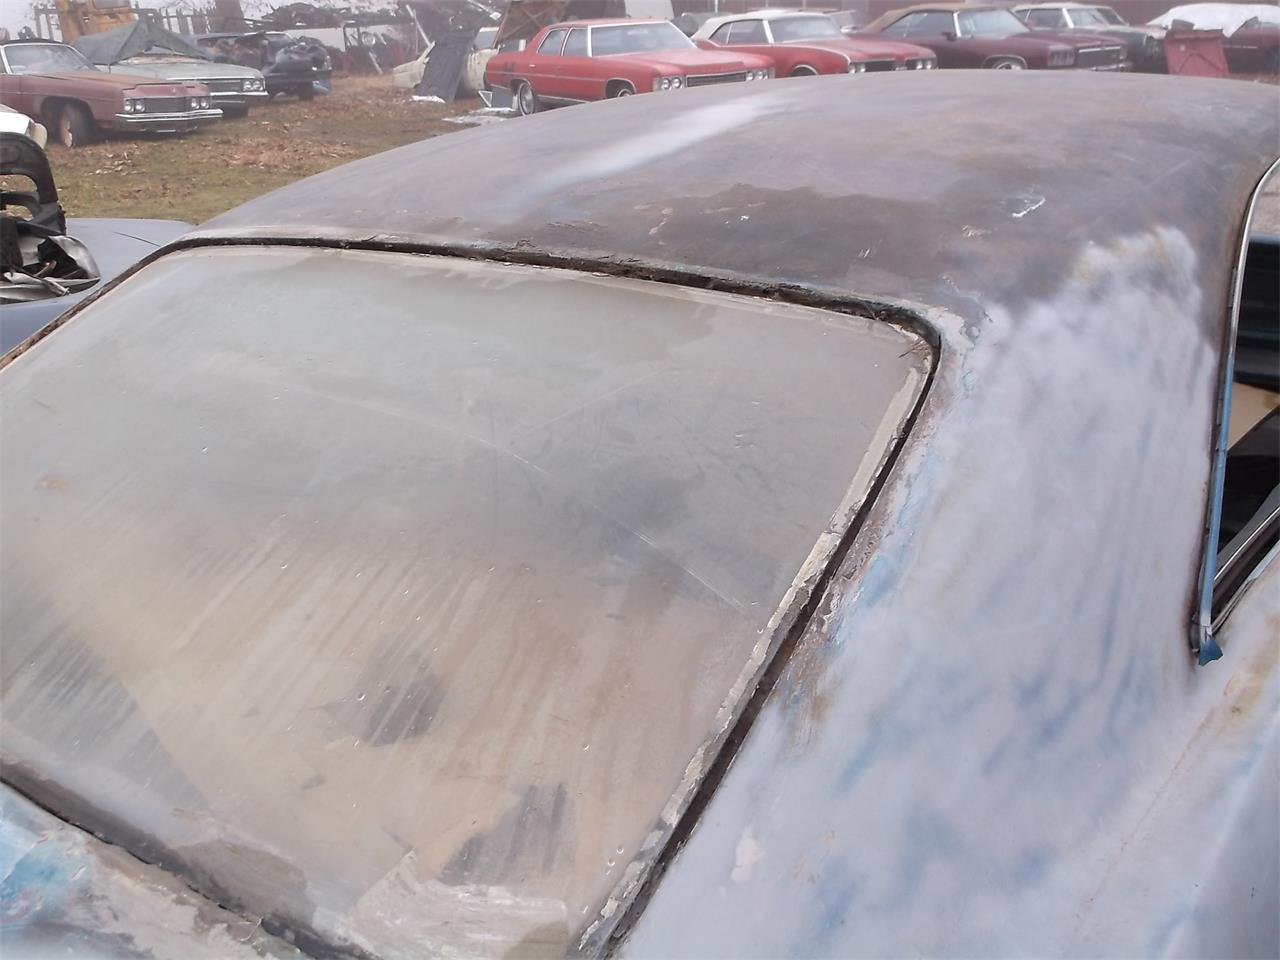 1966 Chevrolet Impala SS (CC-1308651) for sale in Creston, Ohio